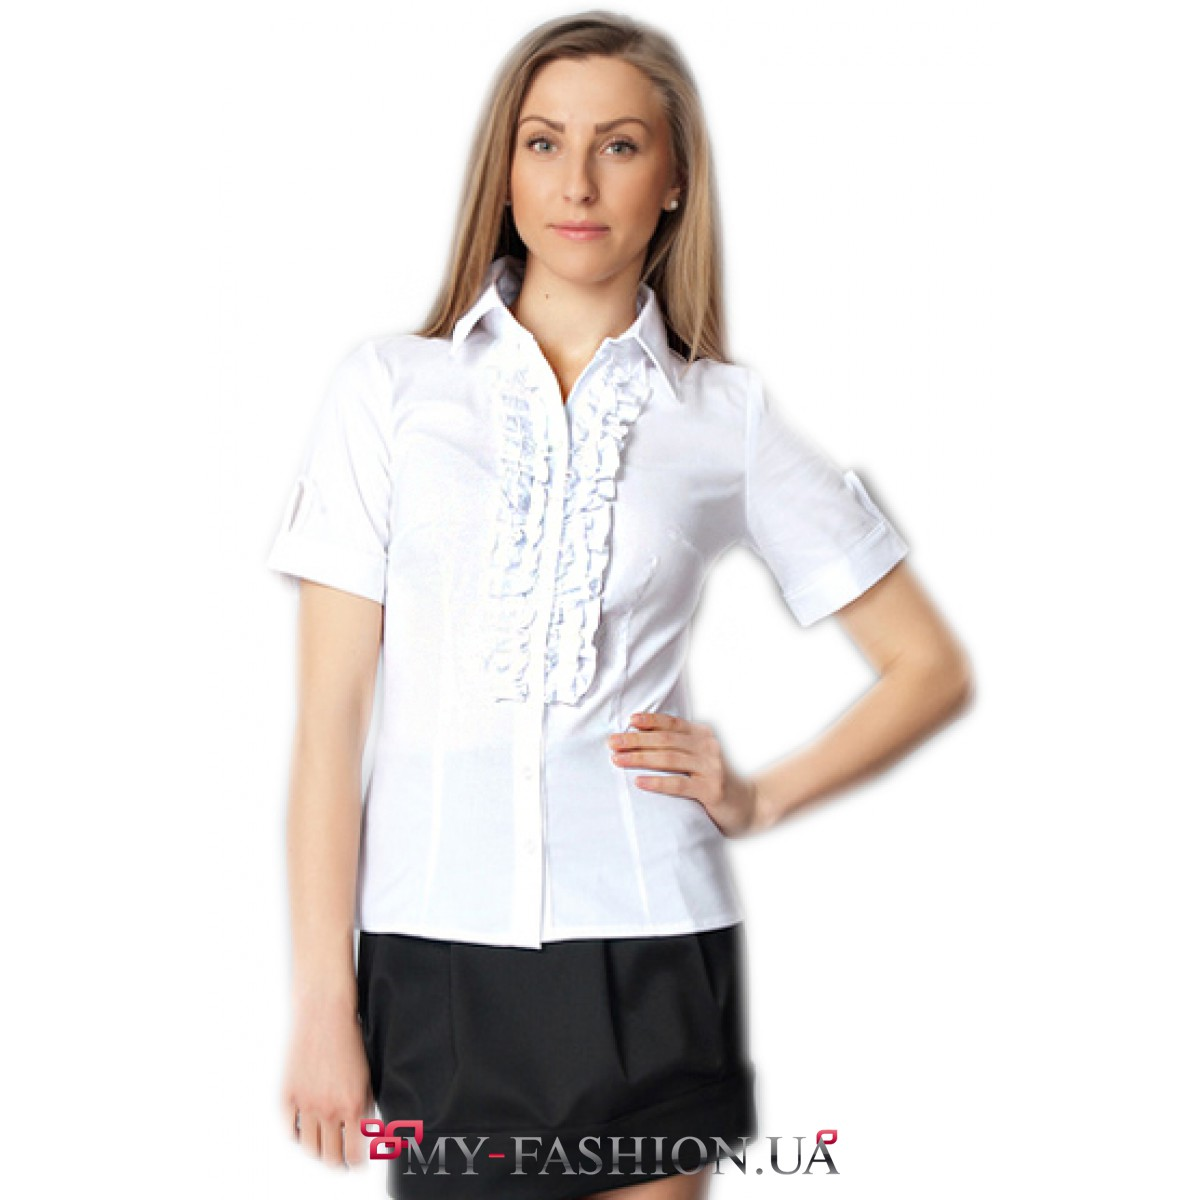 Блузка доставка